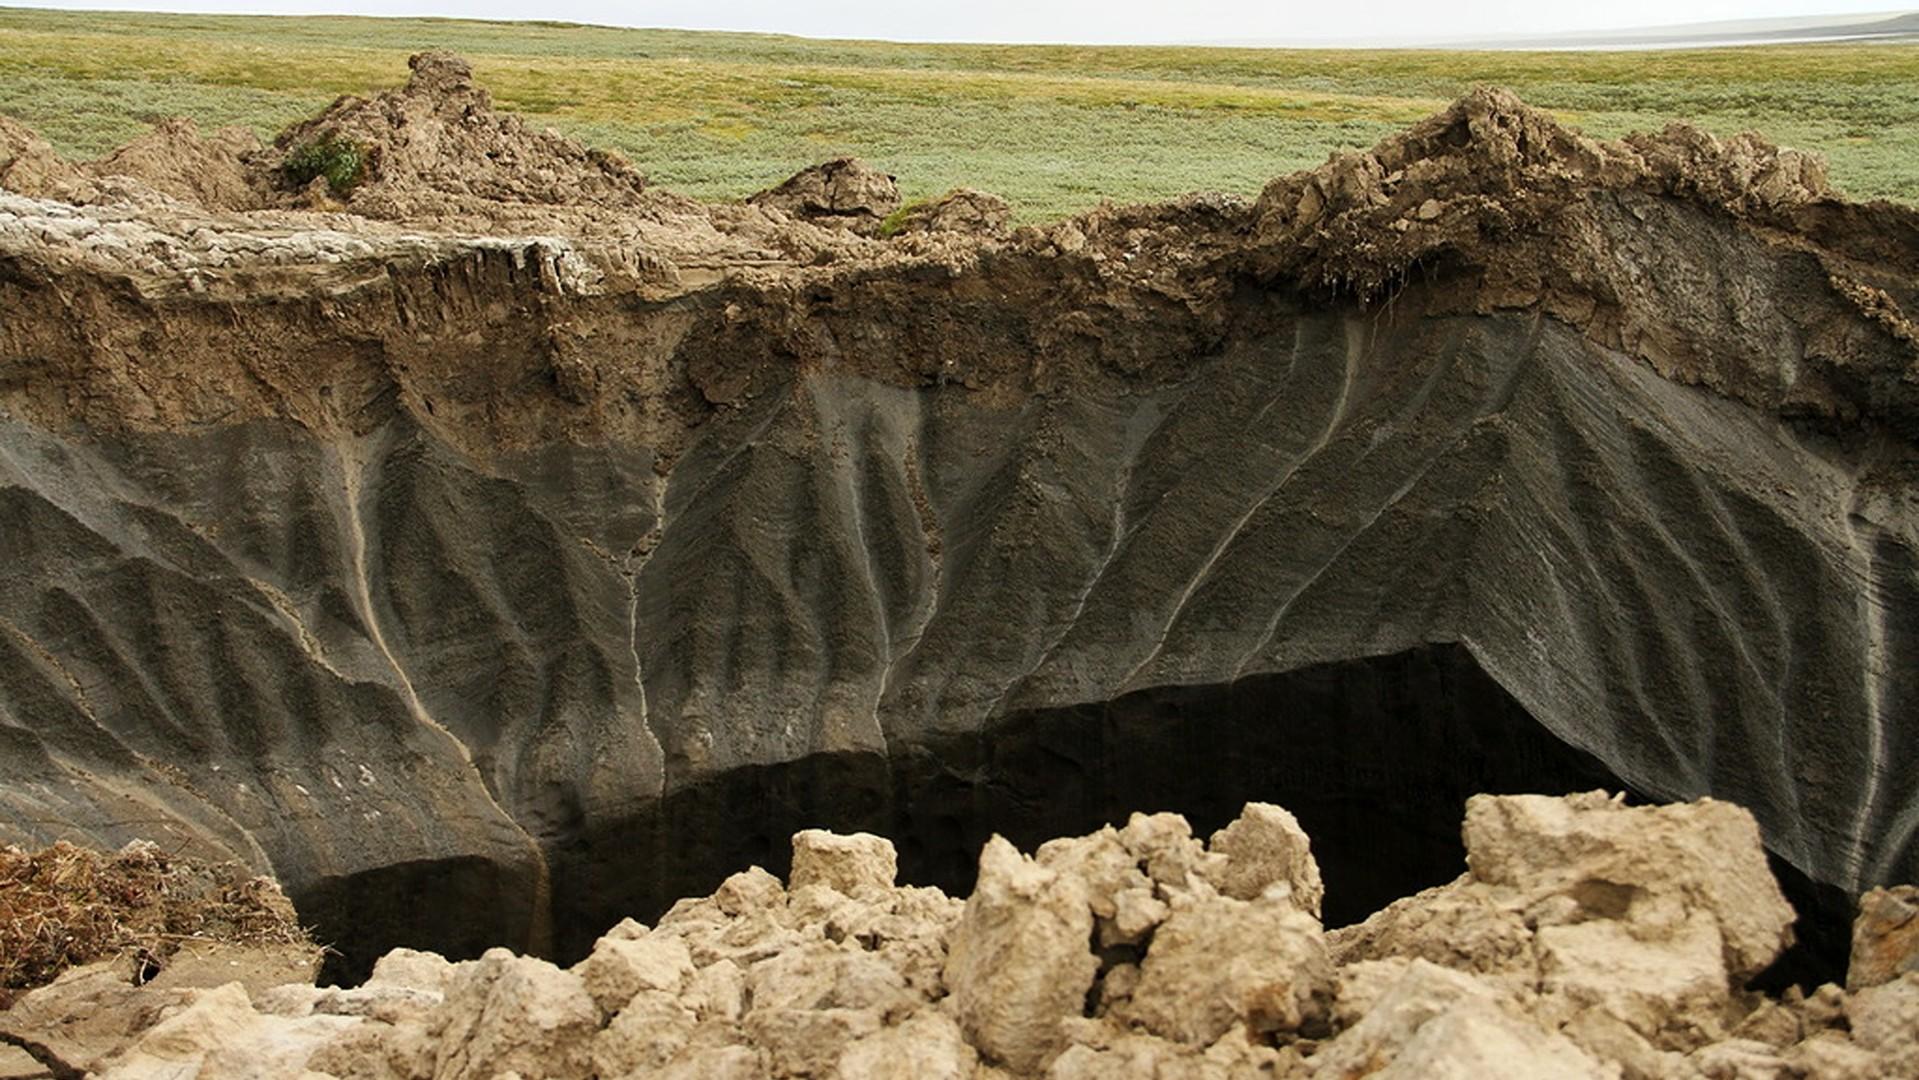 «On pourrait  mettre une maison de 25 étages» dans ce gouffre sibérien